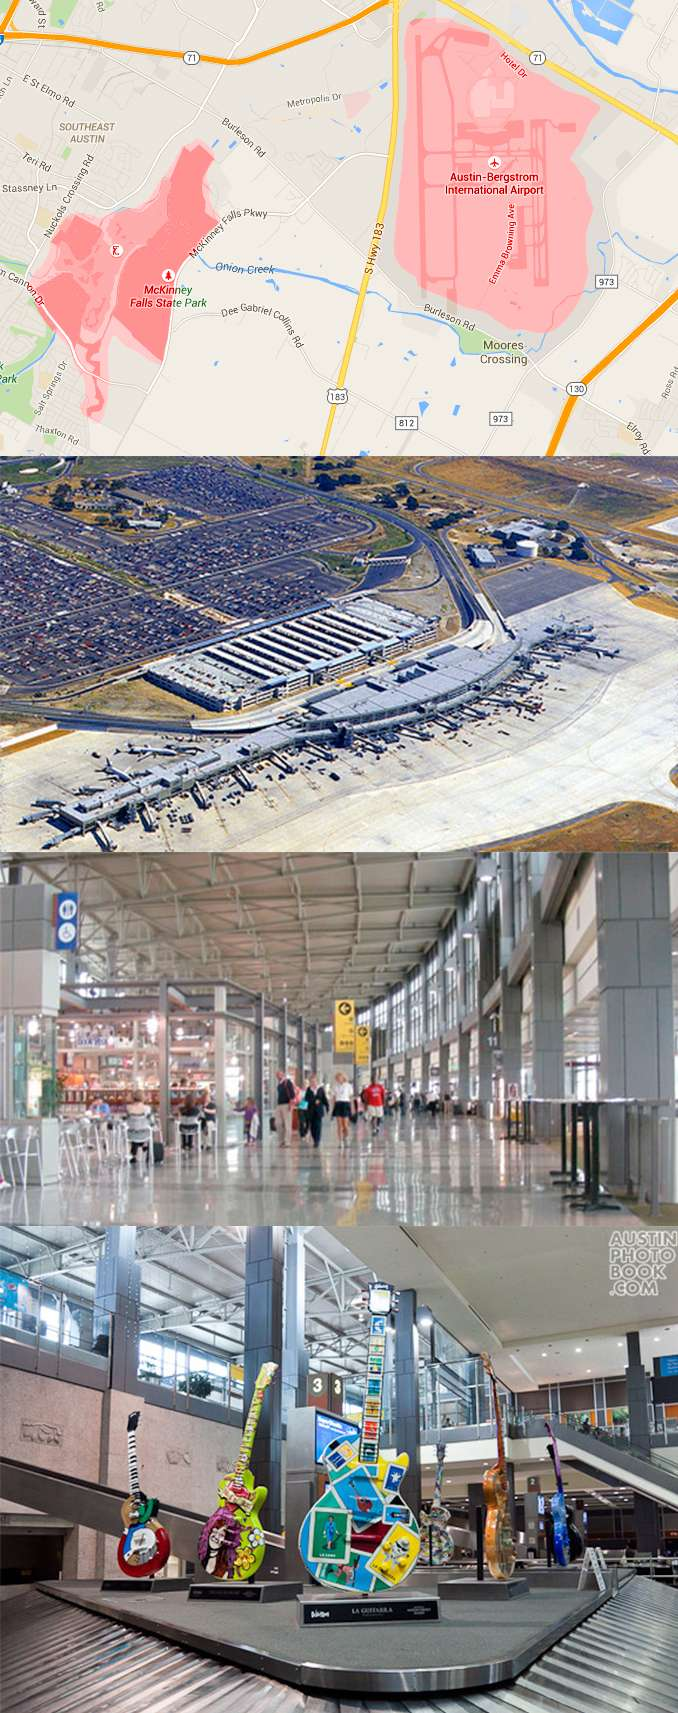 Aeroporto de Austin Aeropo10